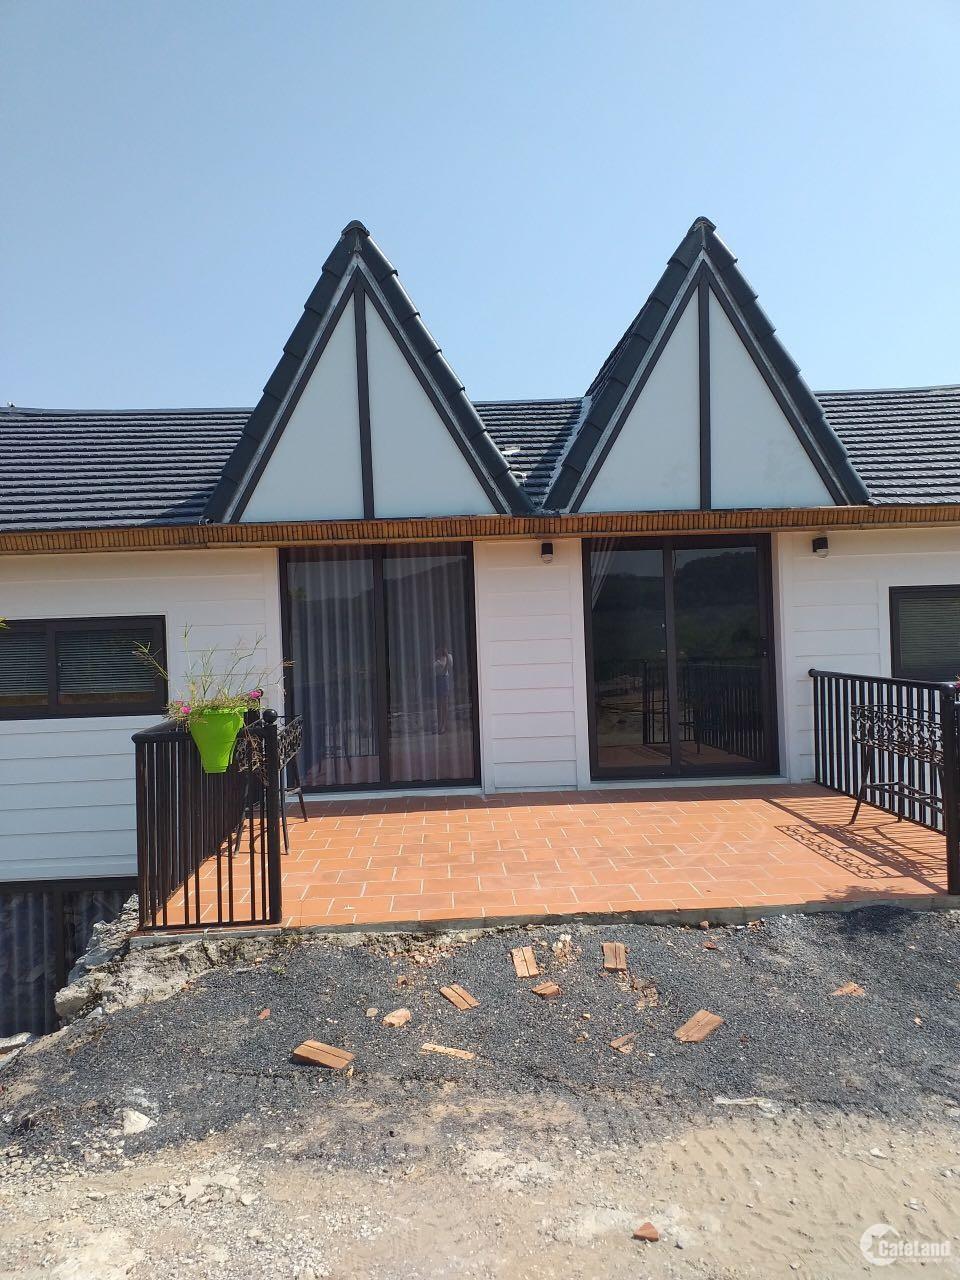 Bán biệt thự nghỉ dưỡng Hòa Bình, DT 400m2 full nội thất, 3 phòng ngủ g